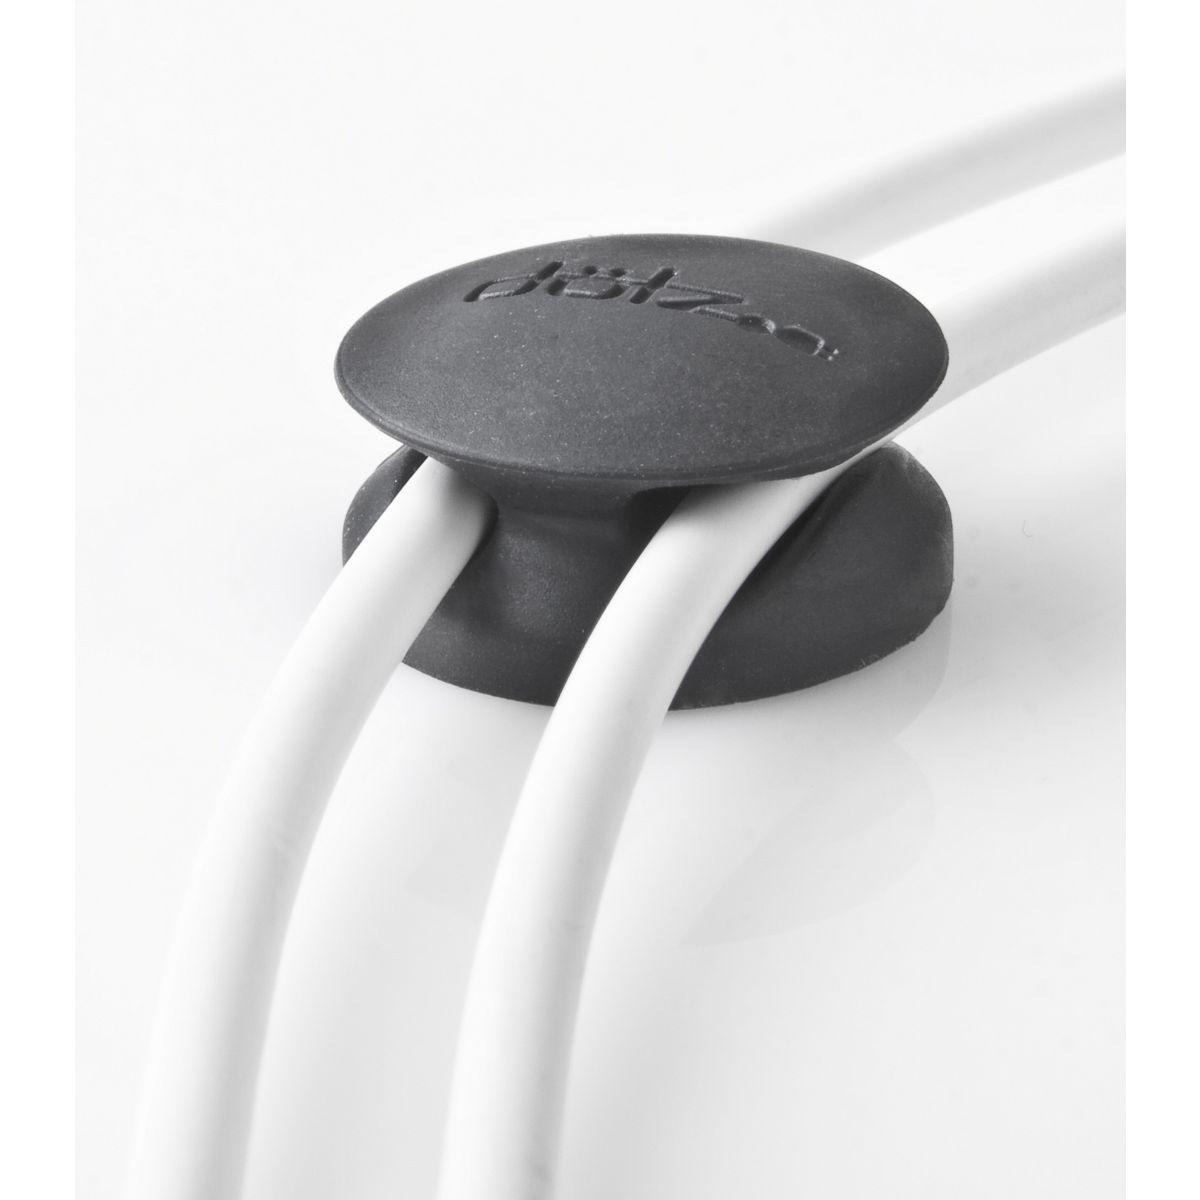 Dotz fixation et maintien des câbles no - 3% de remise immédiate avec le code : multi3 (photo)